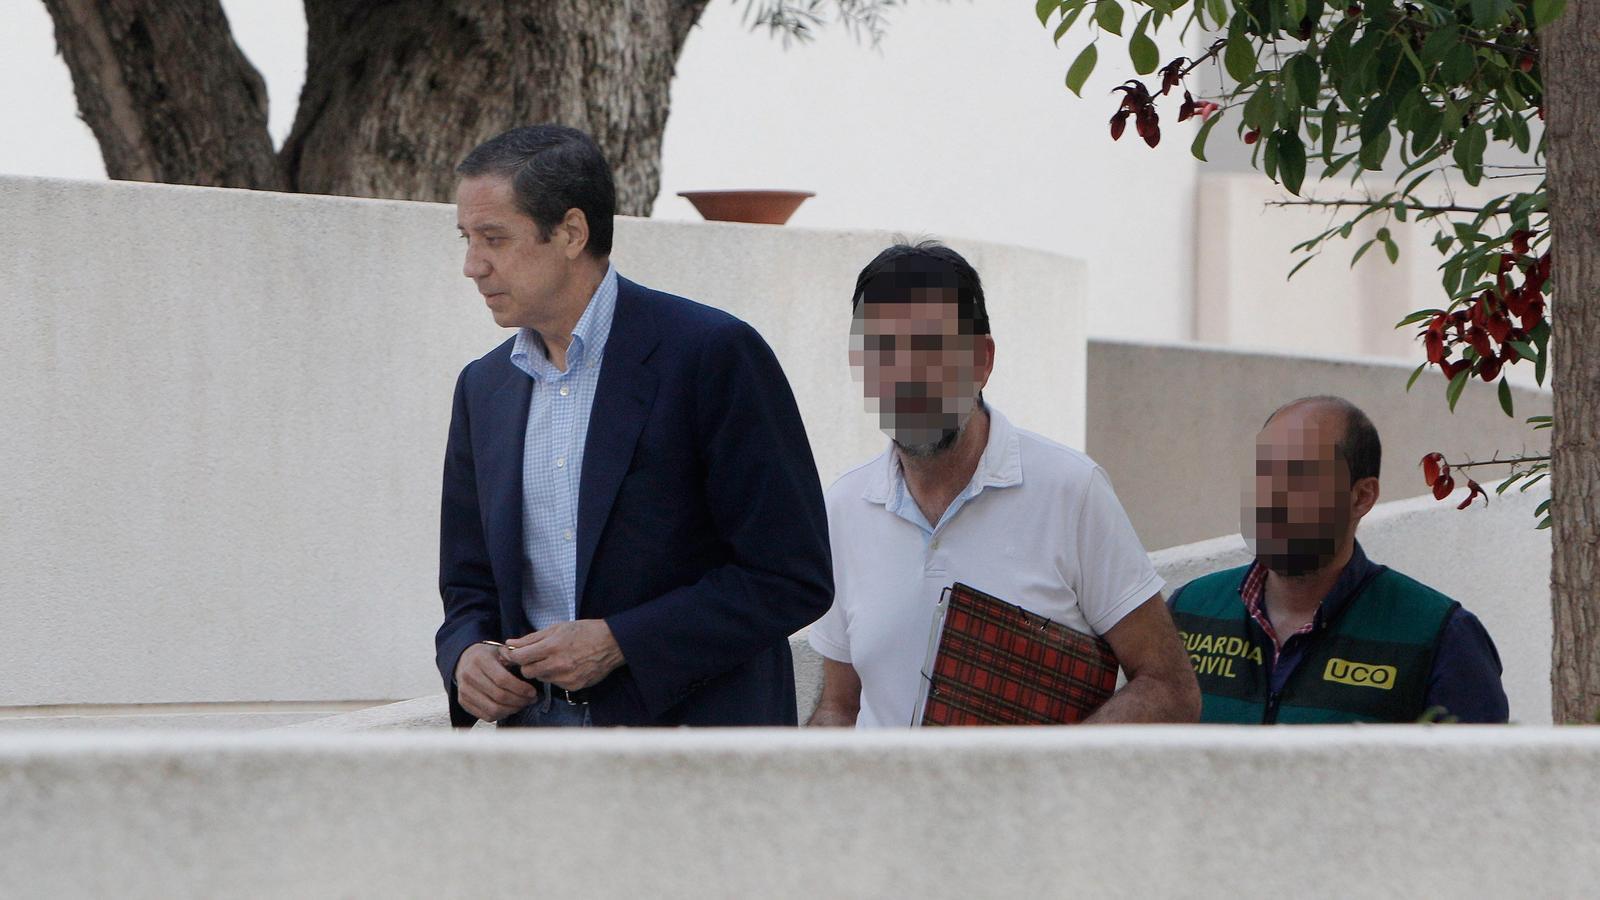 L'expresident de la Generalitat Valenciana, Eduardo Zaplana, durant l'escorcoll del seu xalet a Benidorm